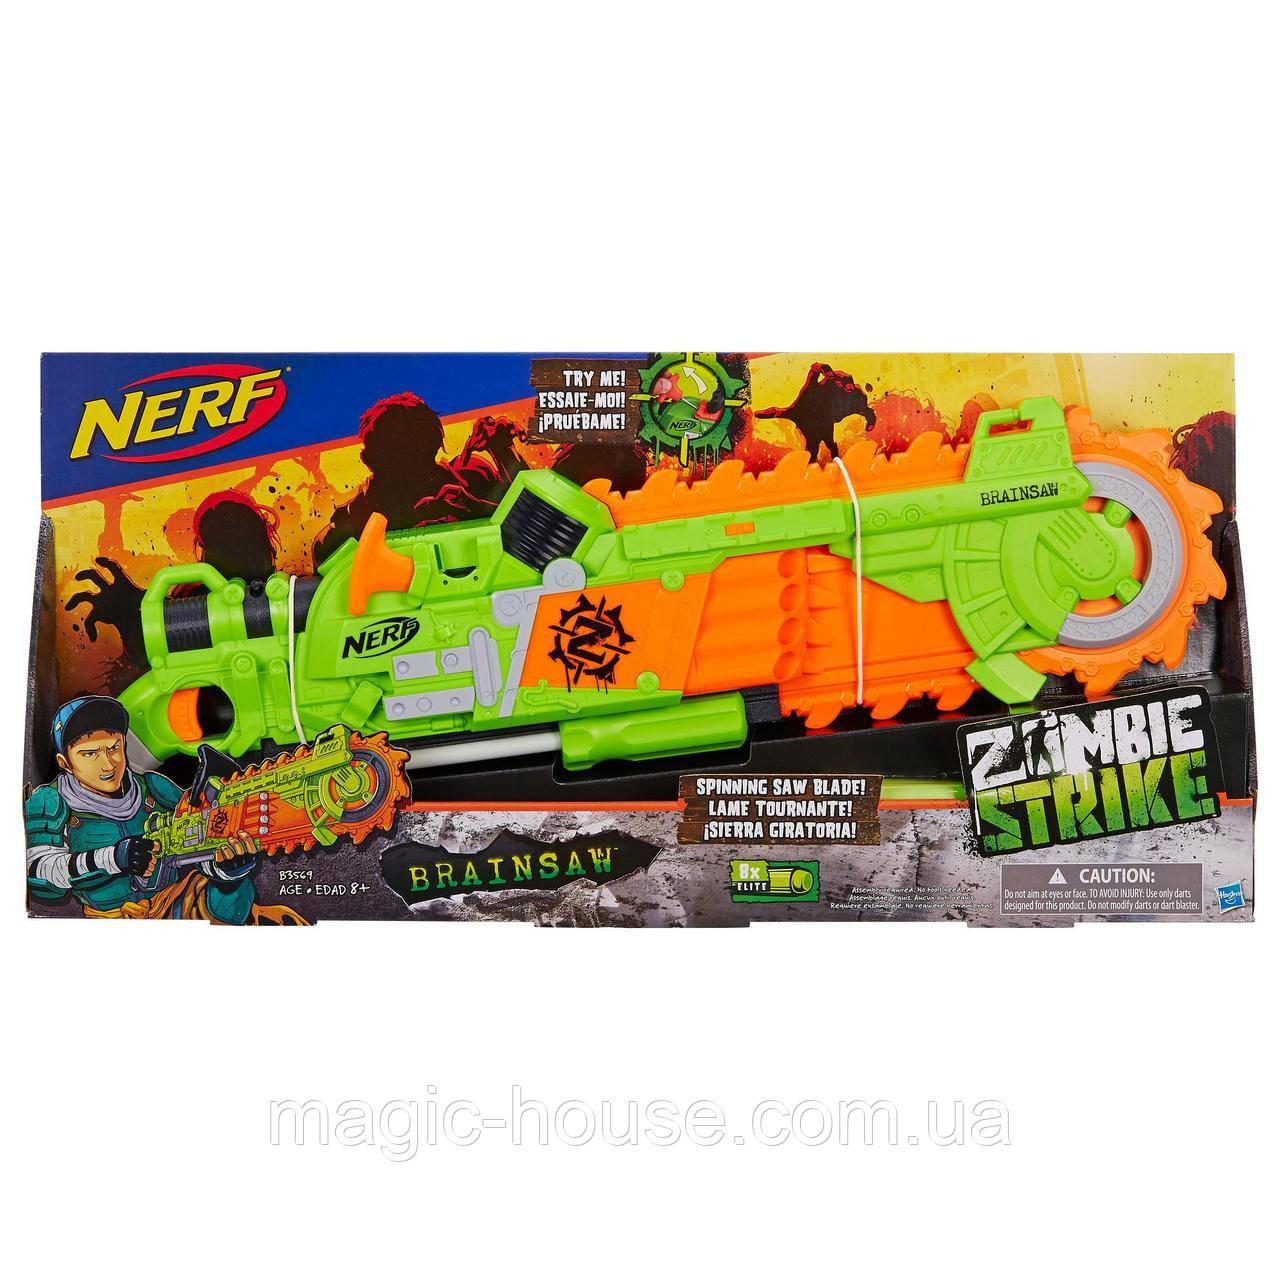 Бластер Nerf Зомби Страйк Бензопила  Zombie Strike Brainsaw Blaster